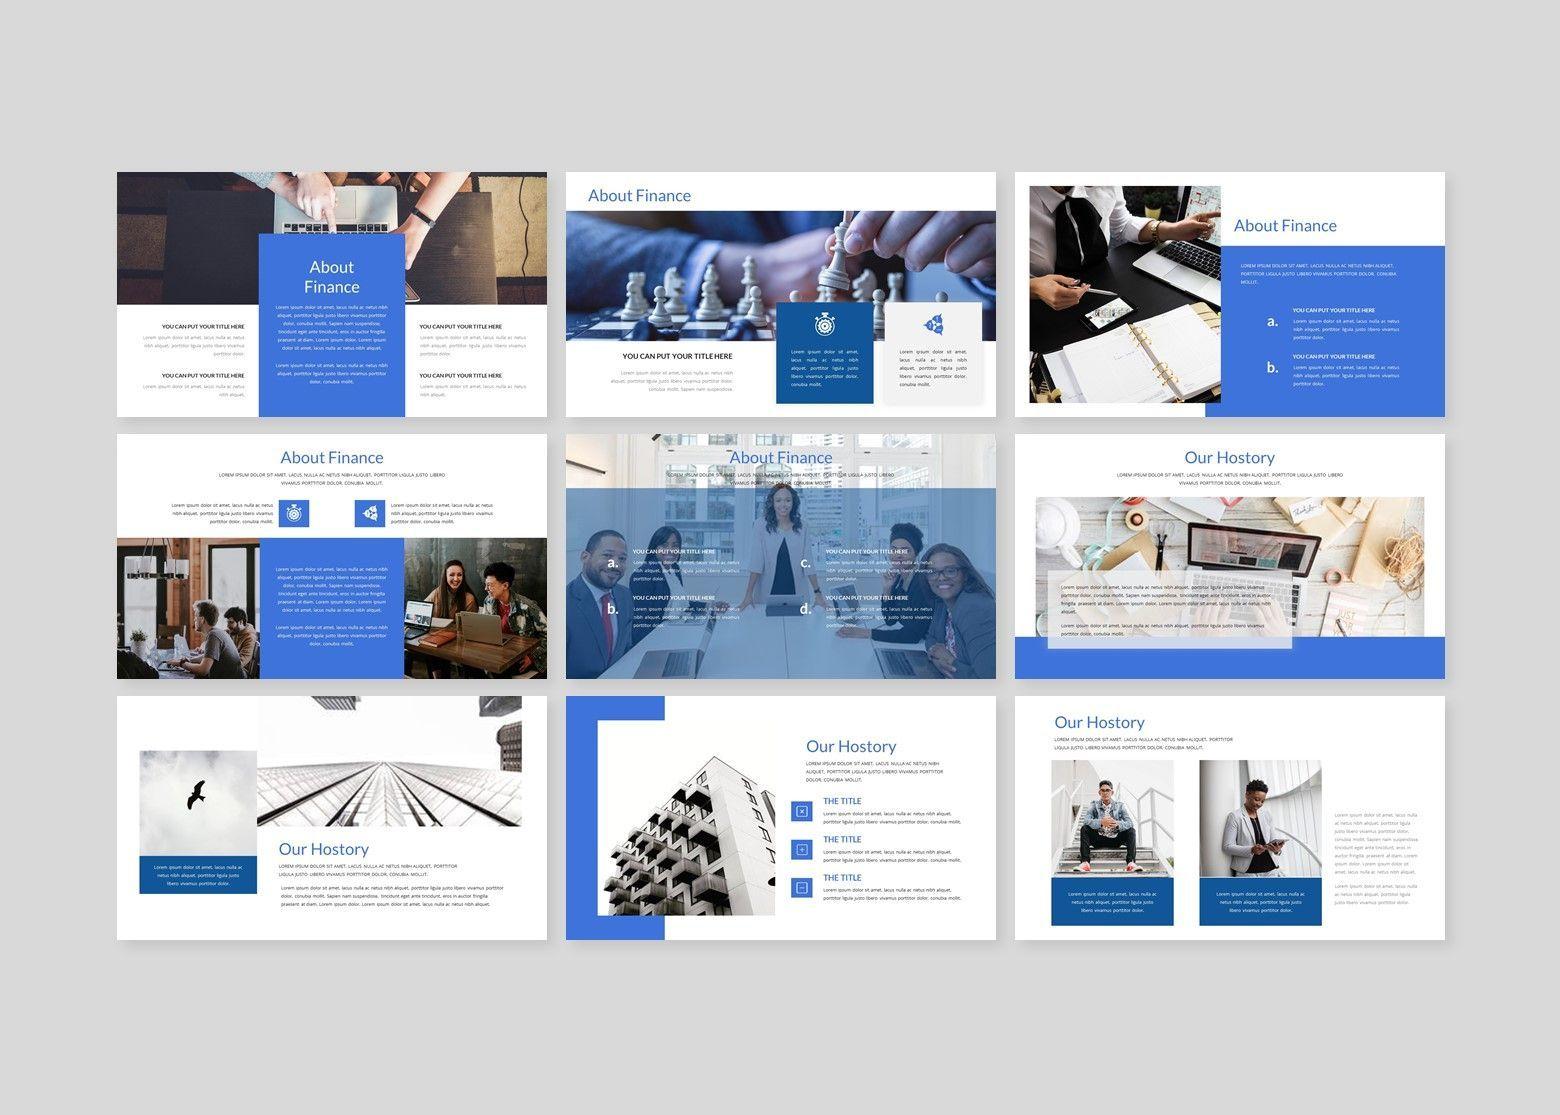 Finanza - Finance Google Slides Template, Slide 4, 08397, Business Models — PoweredTemplate.com